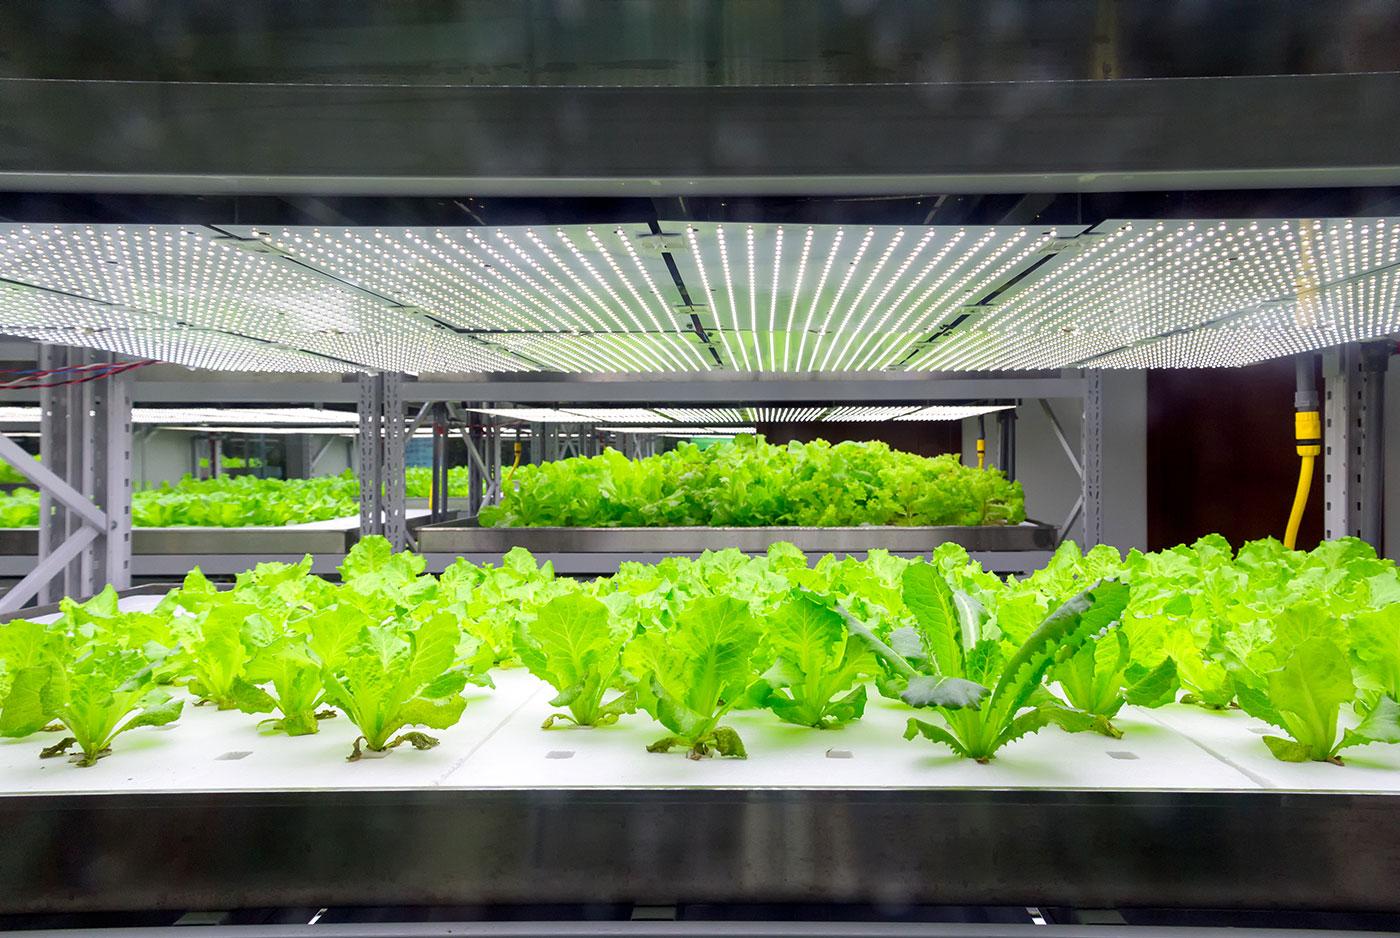 Foto af salat, der spirer indendørs